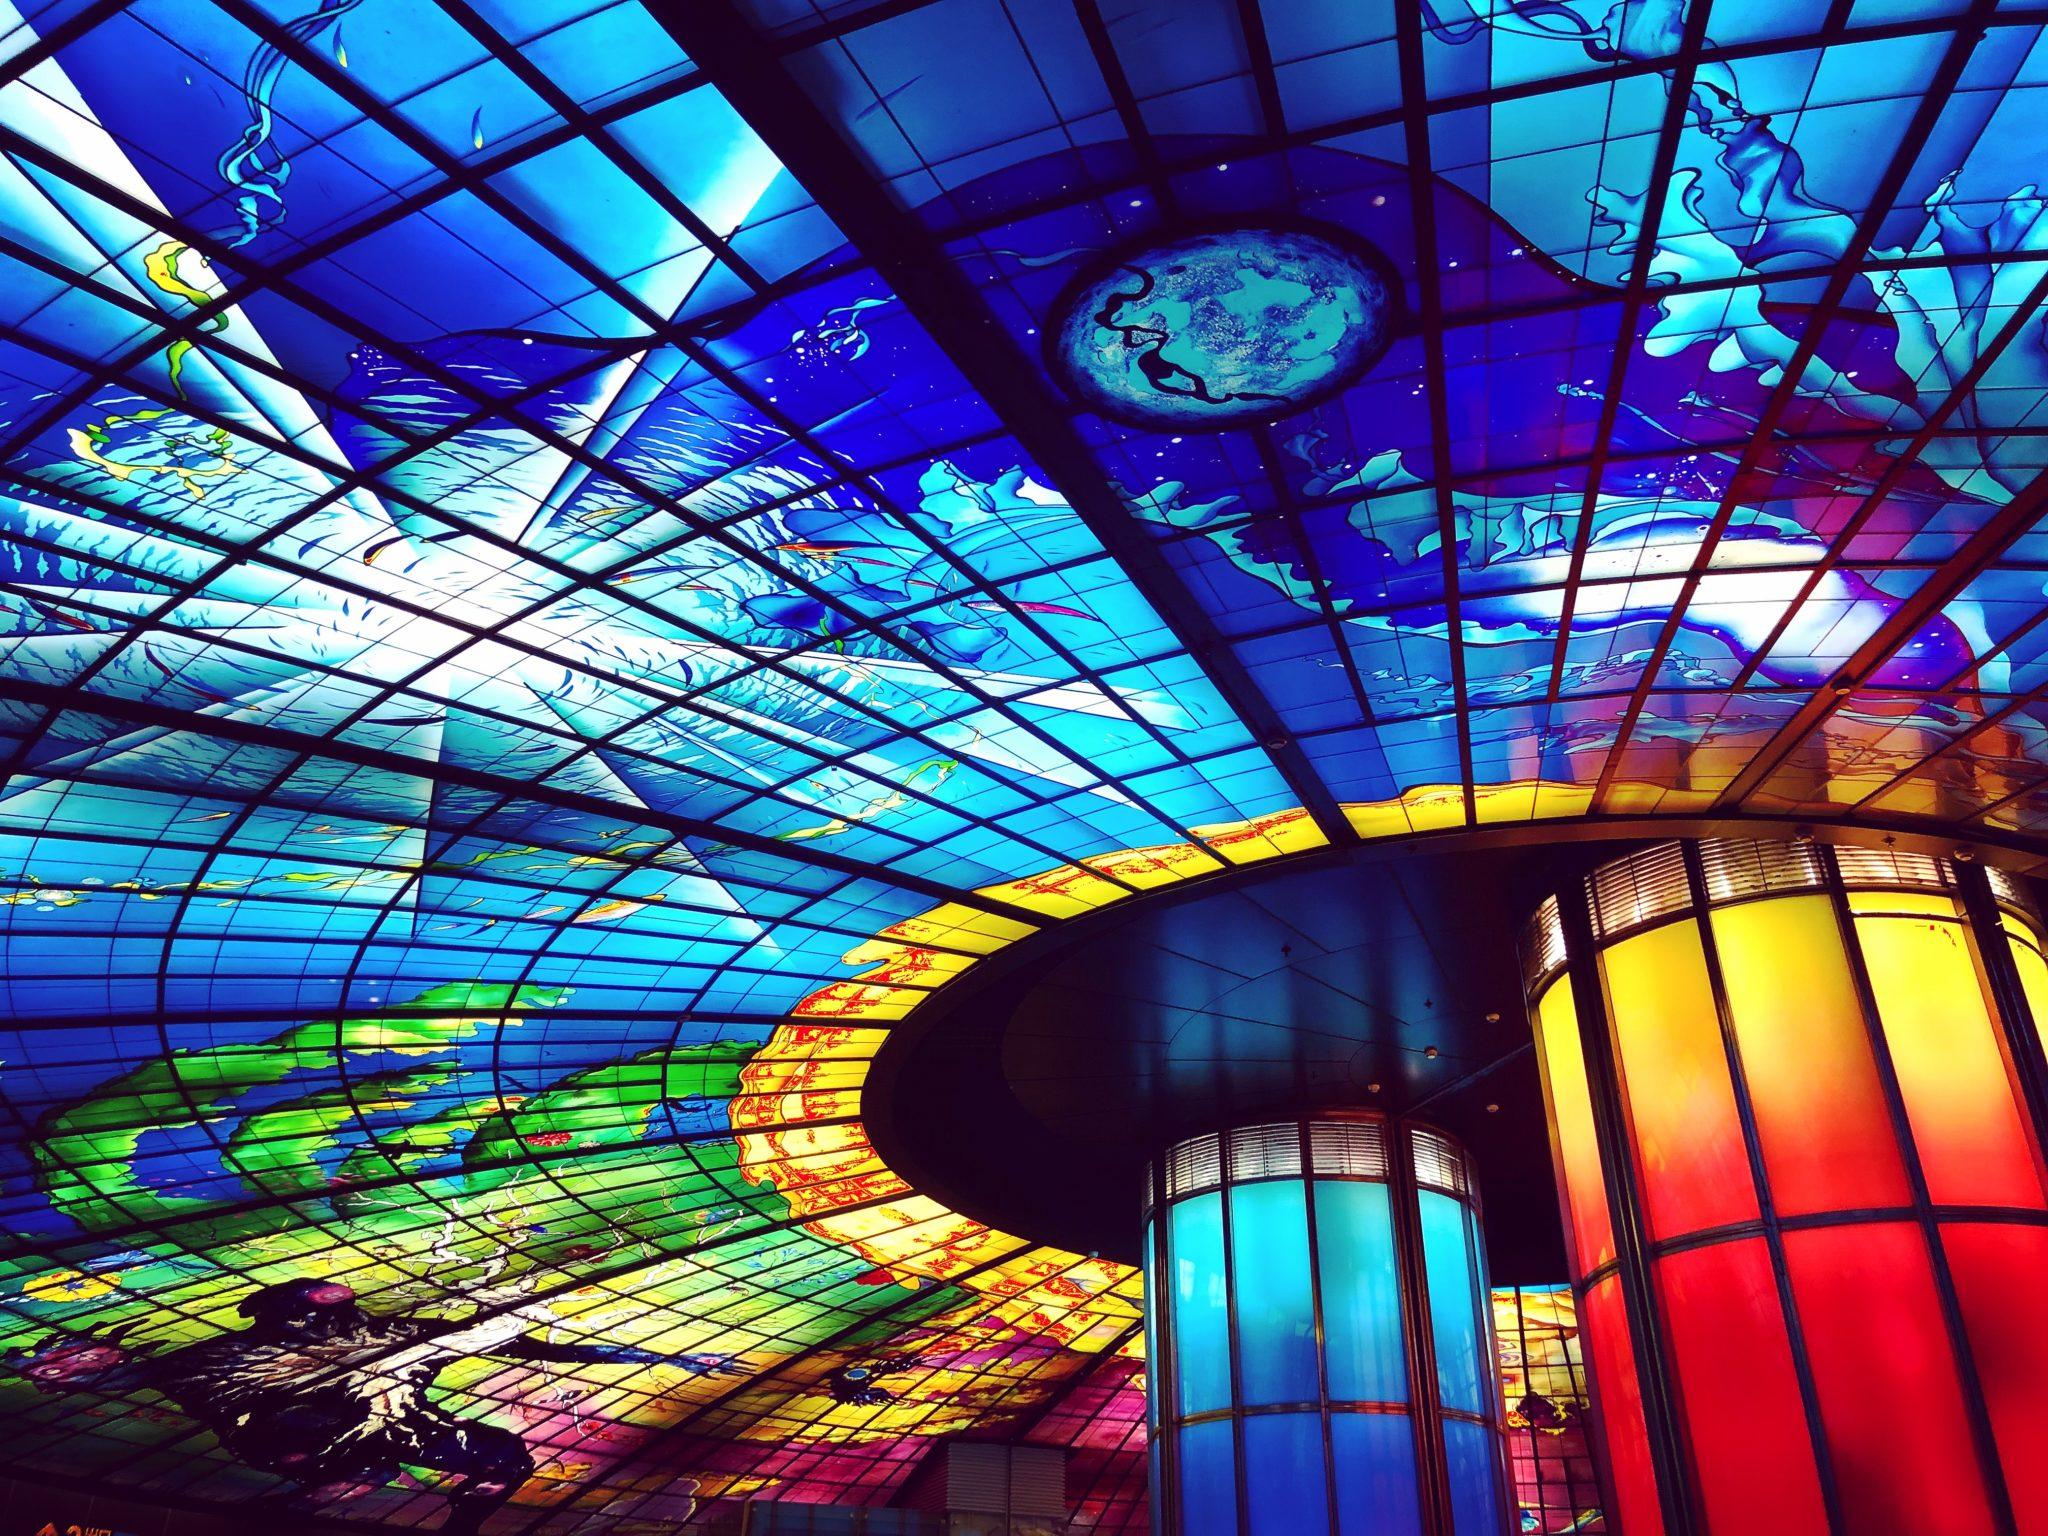 高雄の美麗島駅のステンドグラス